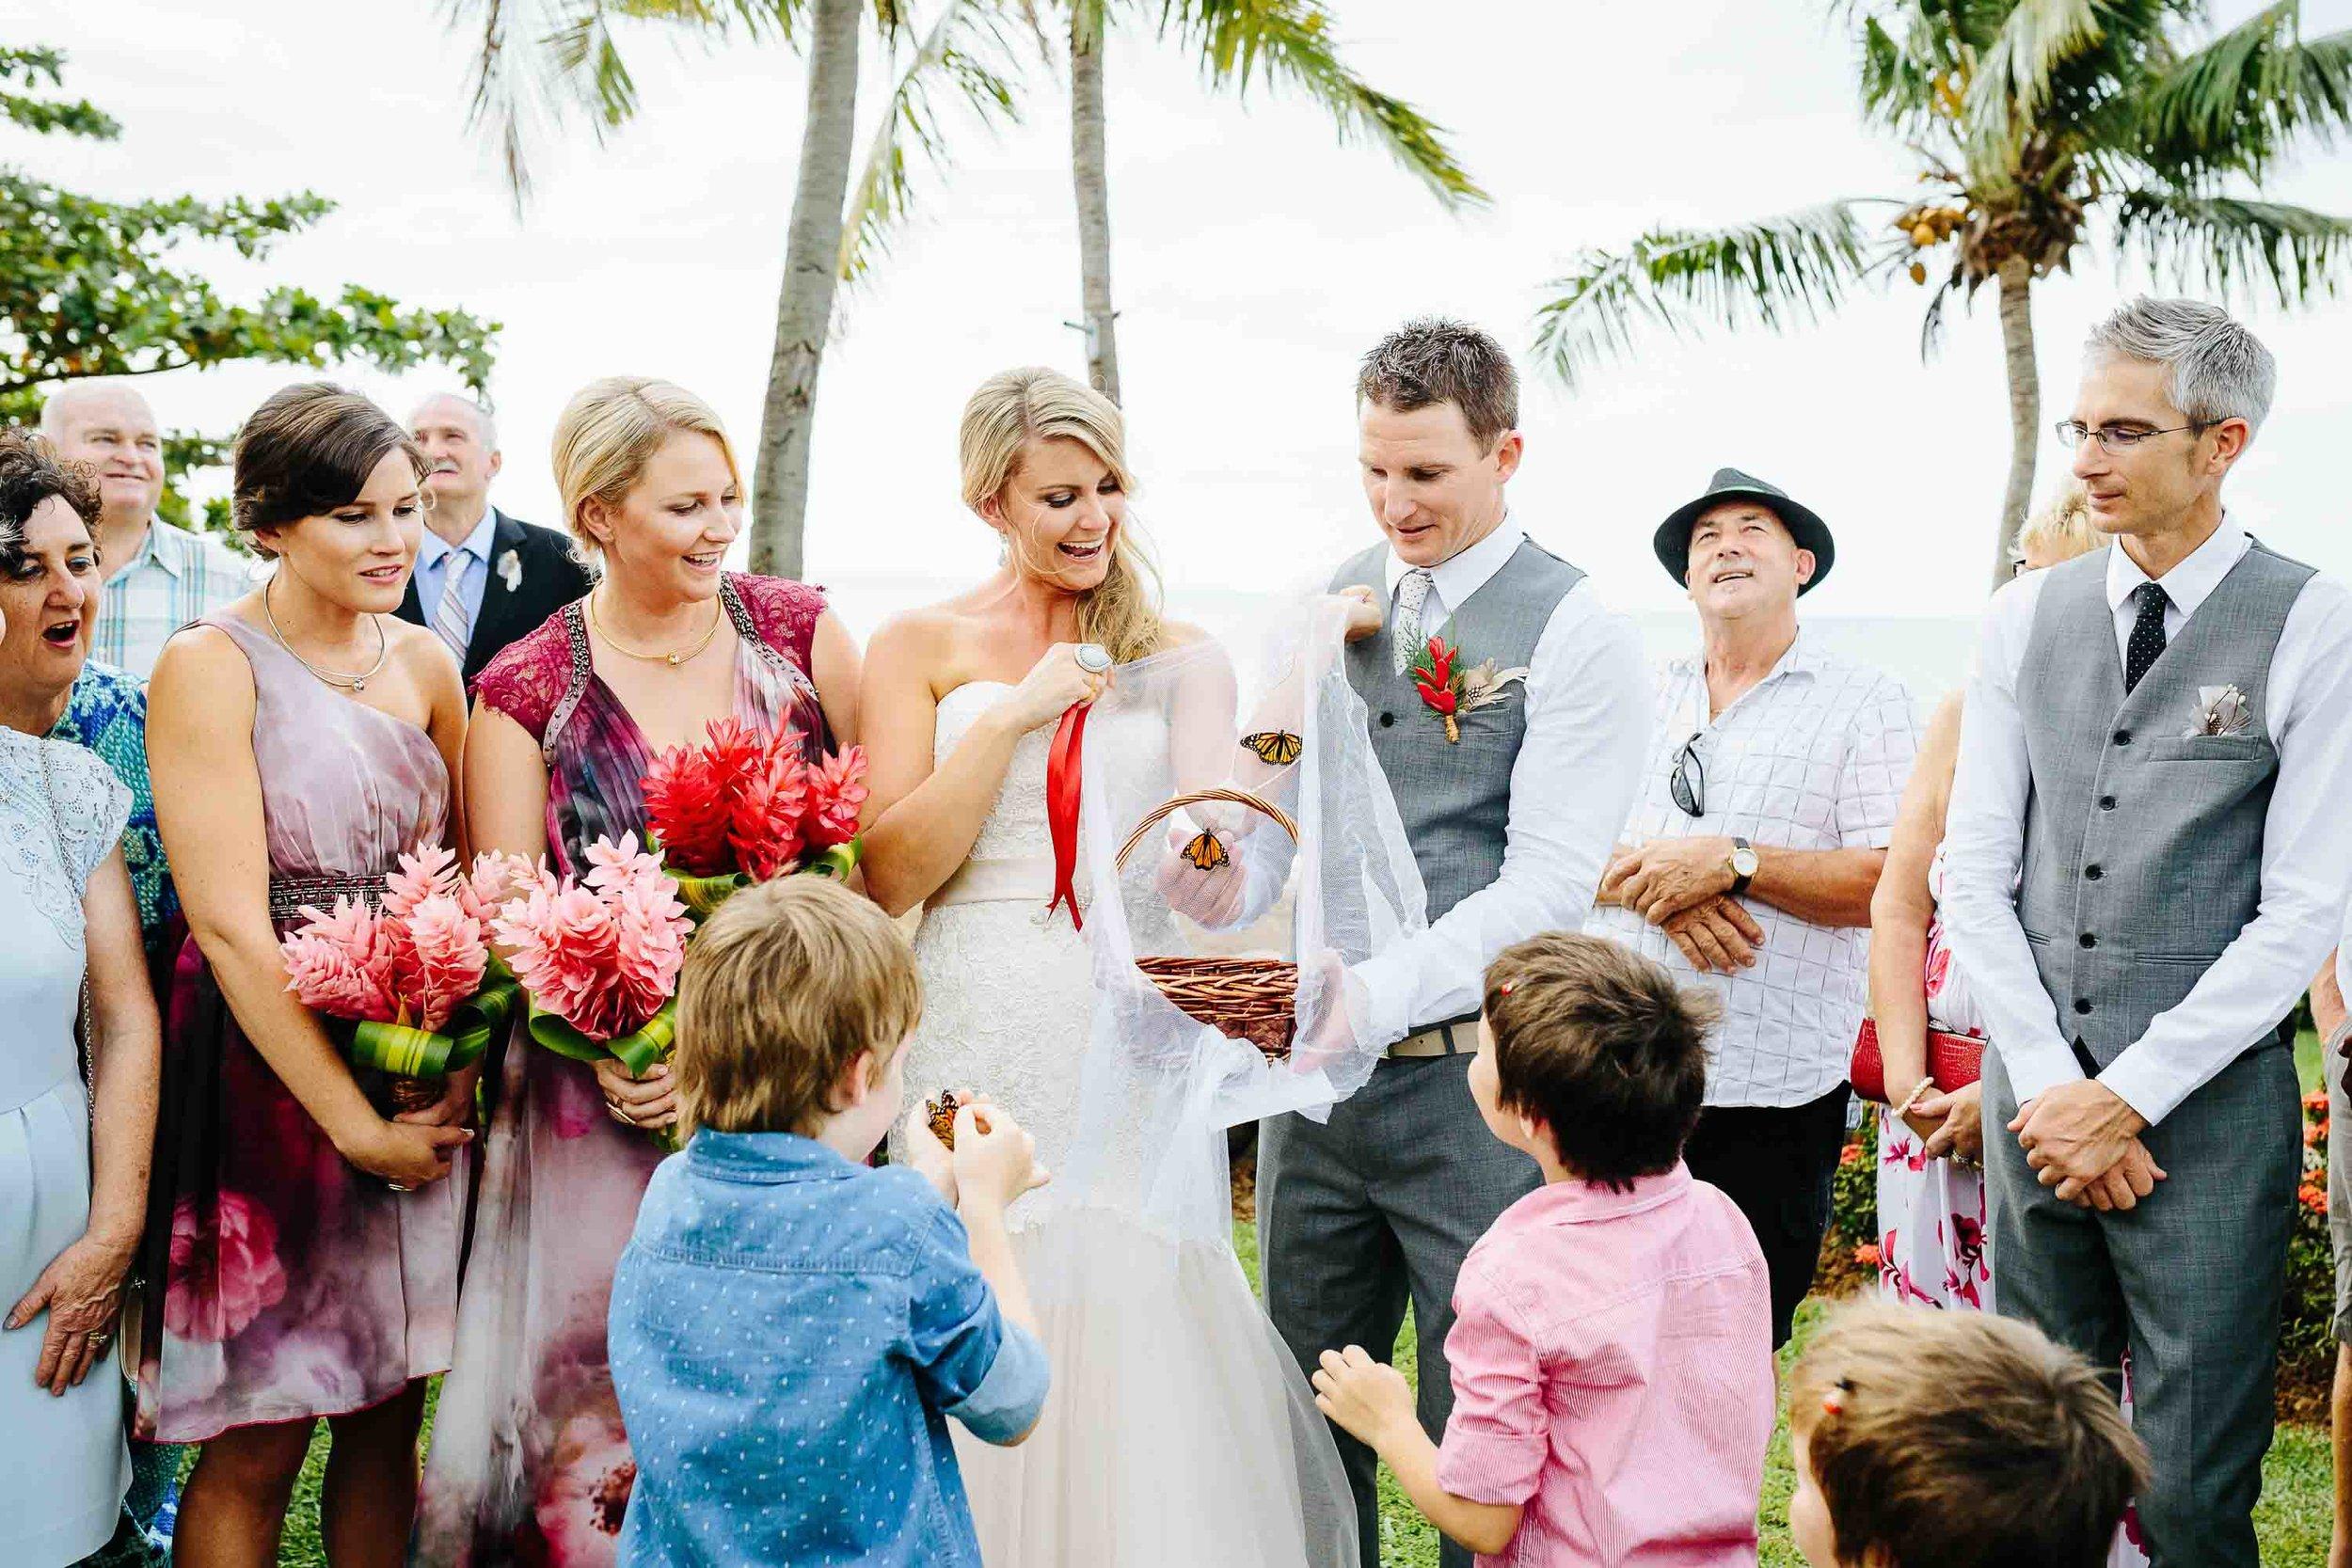 21-Annette-Andrew-Sofitel-Fiji-Wedding-107.jpg